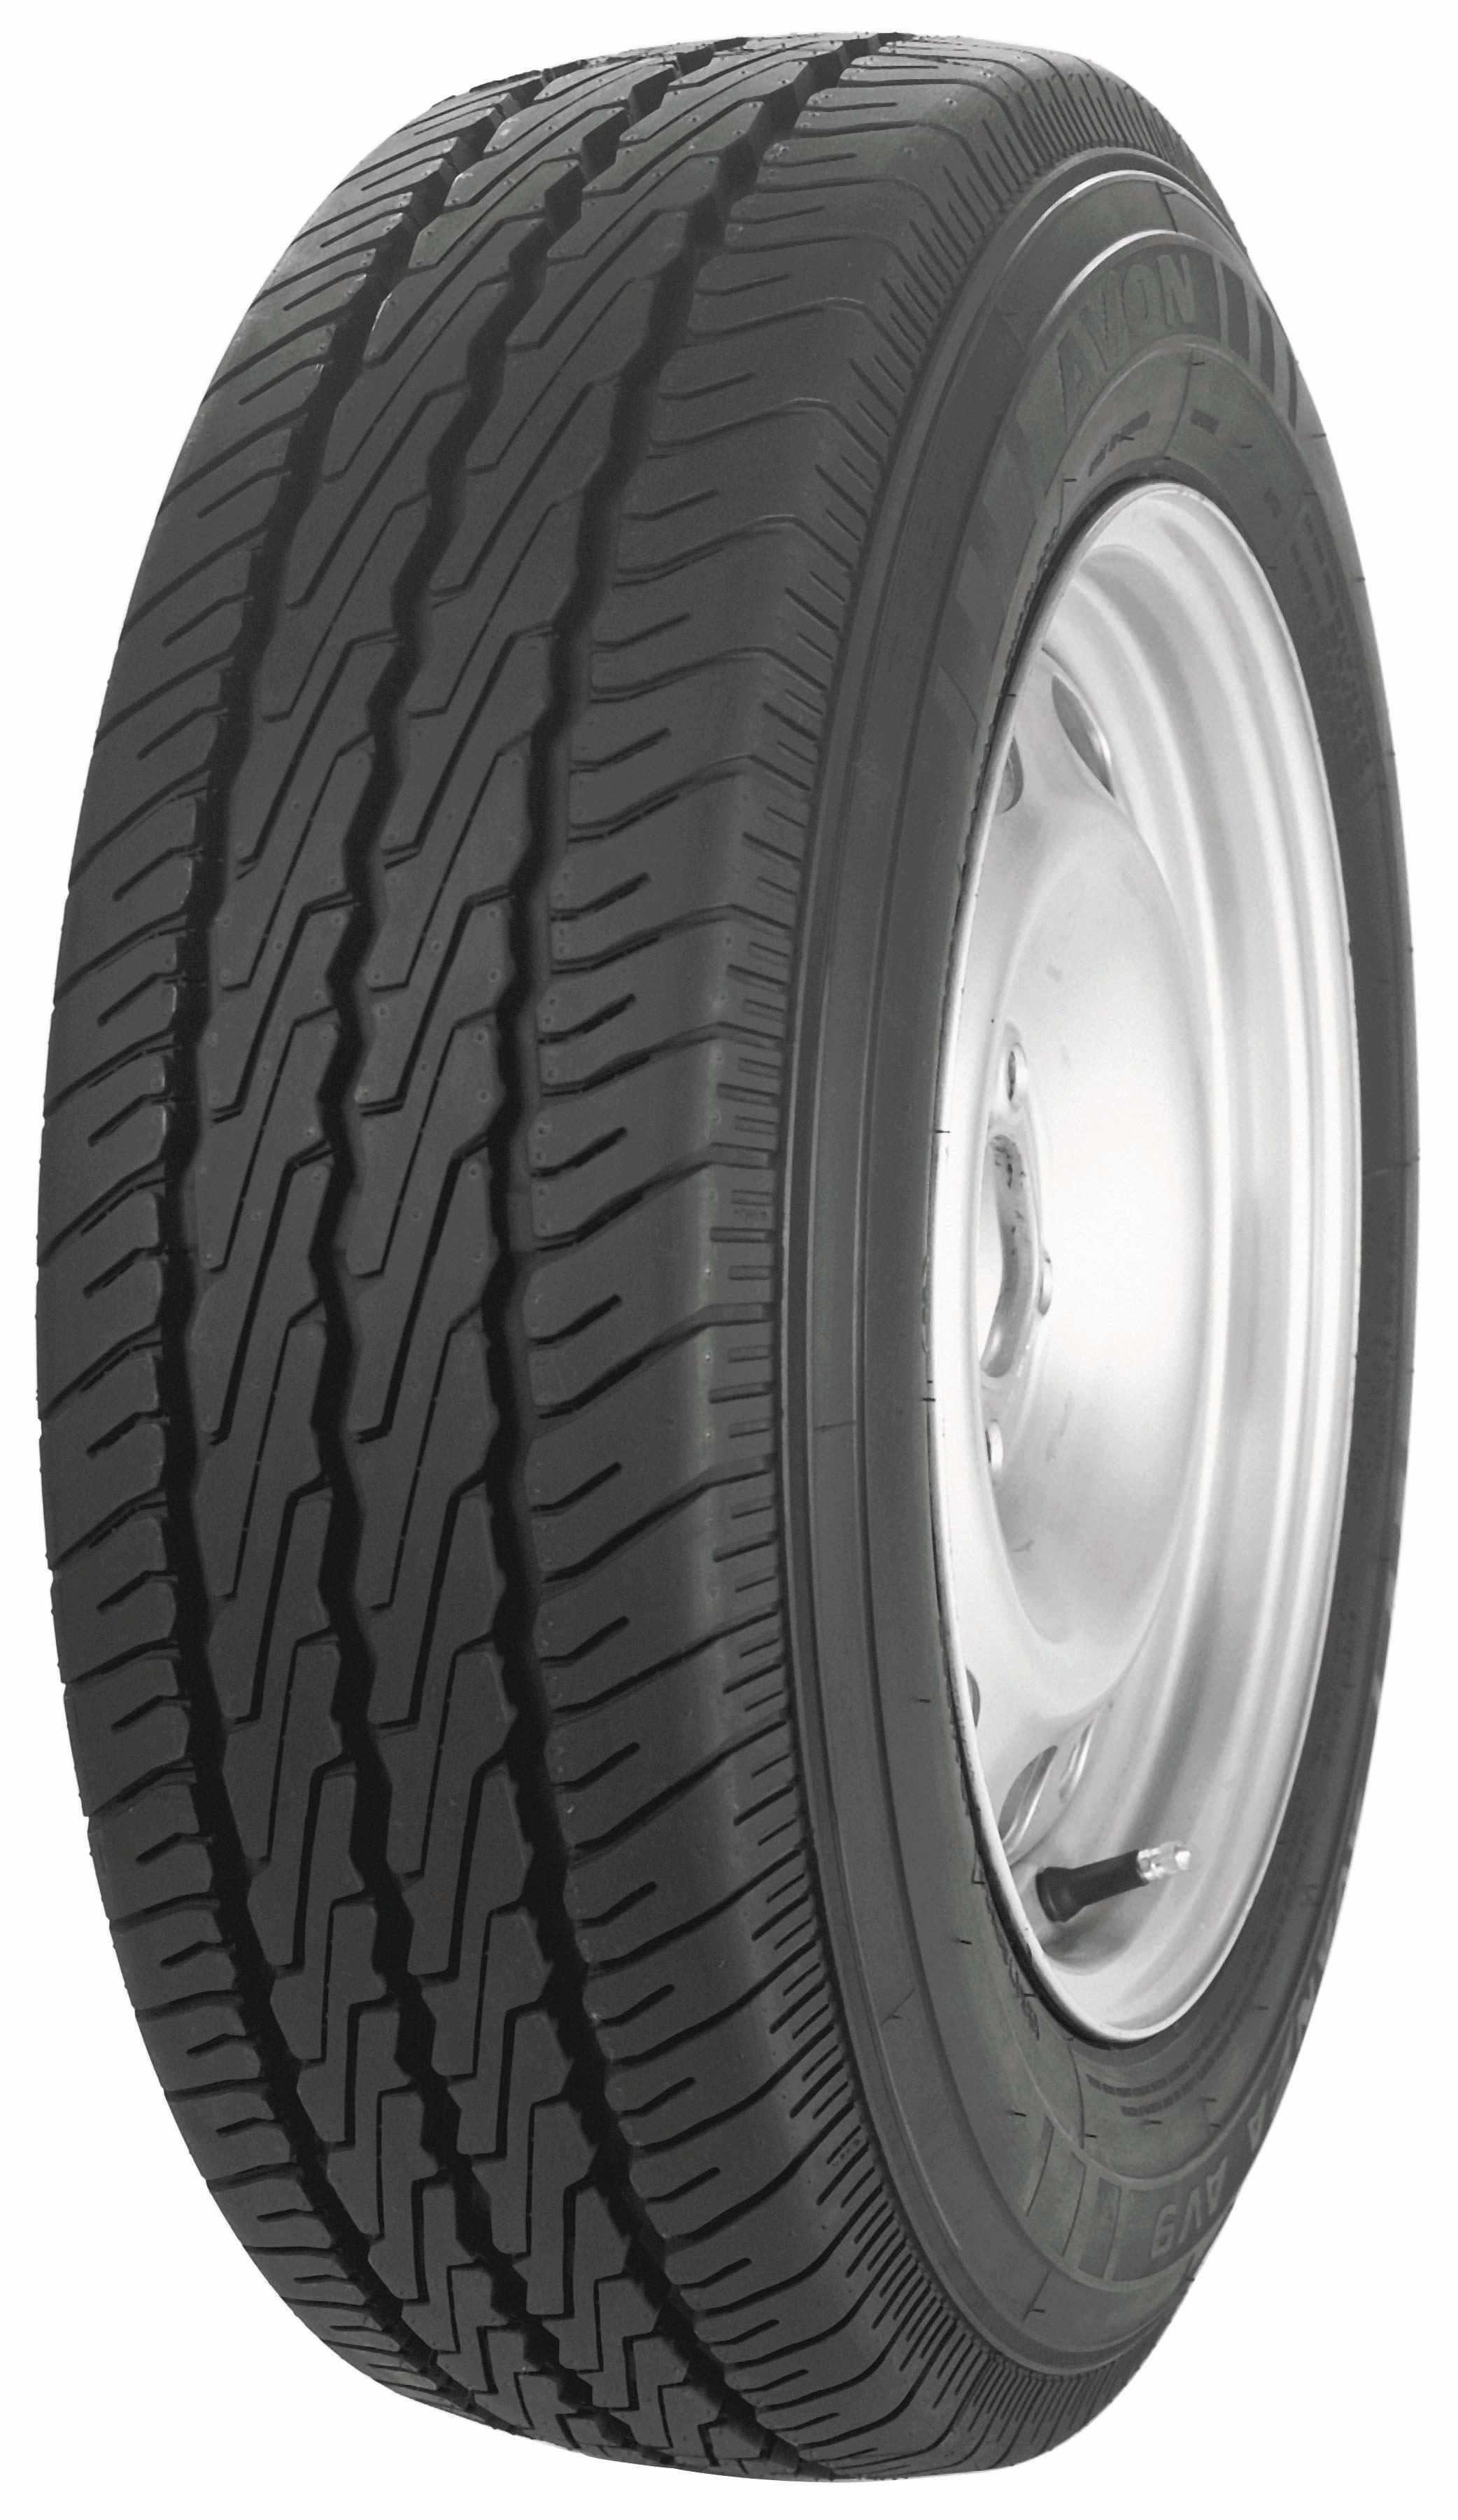 Neumático AVON AVANZA AV9 225/65R16 112 R